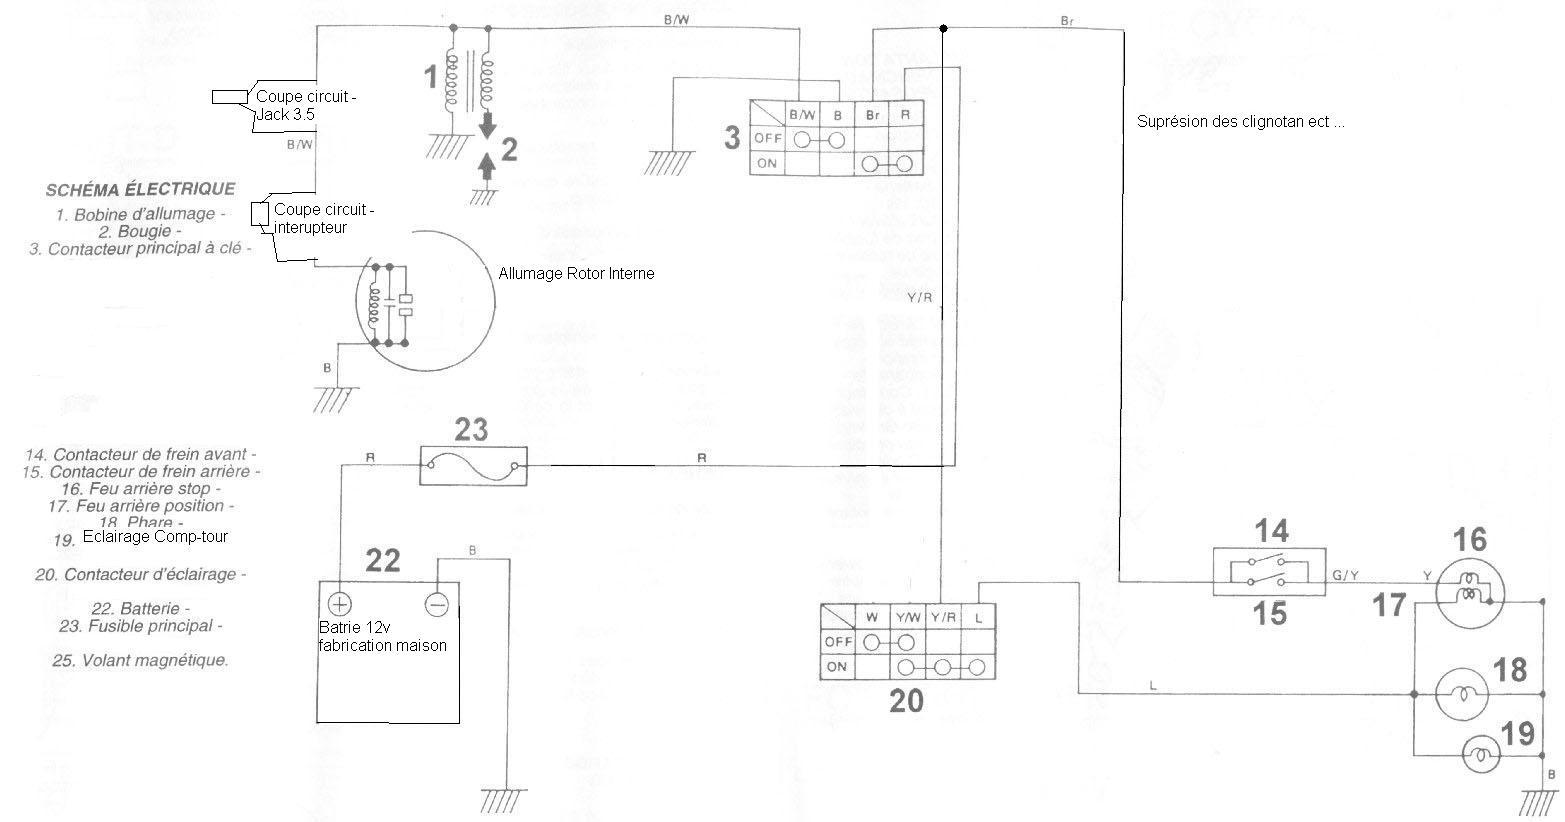 Schema Electrique Xp6